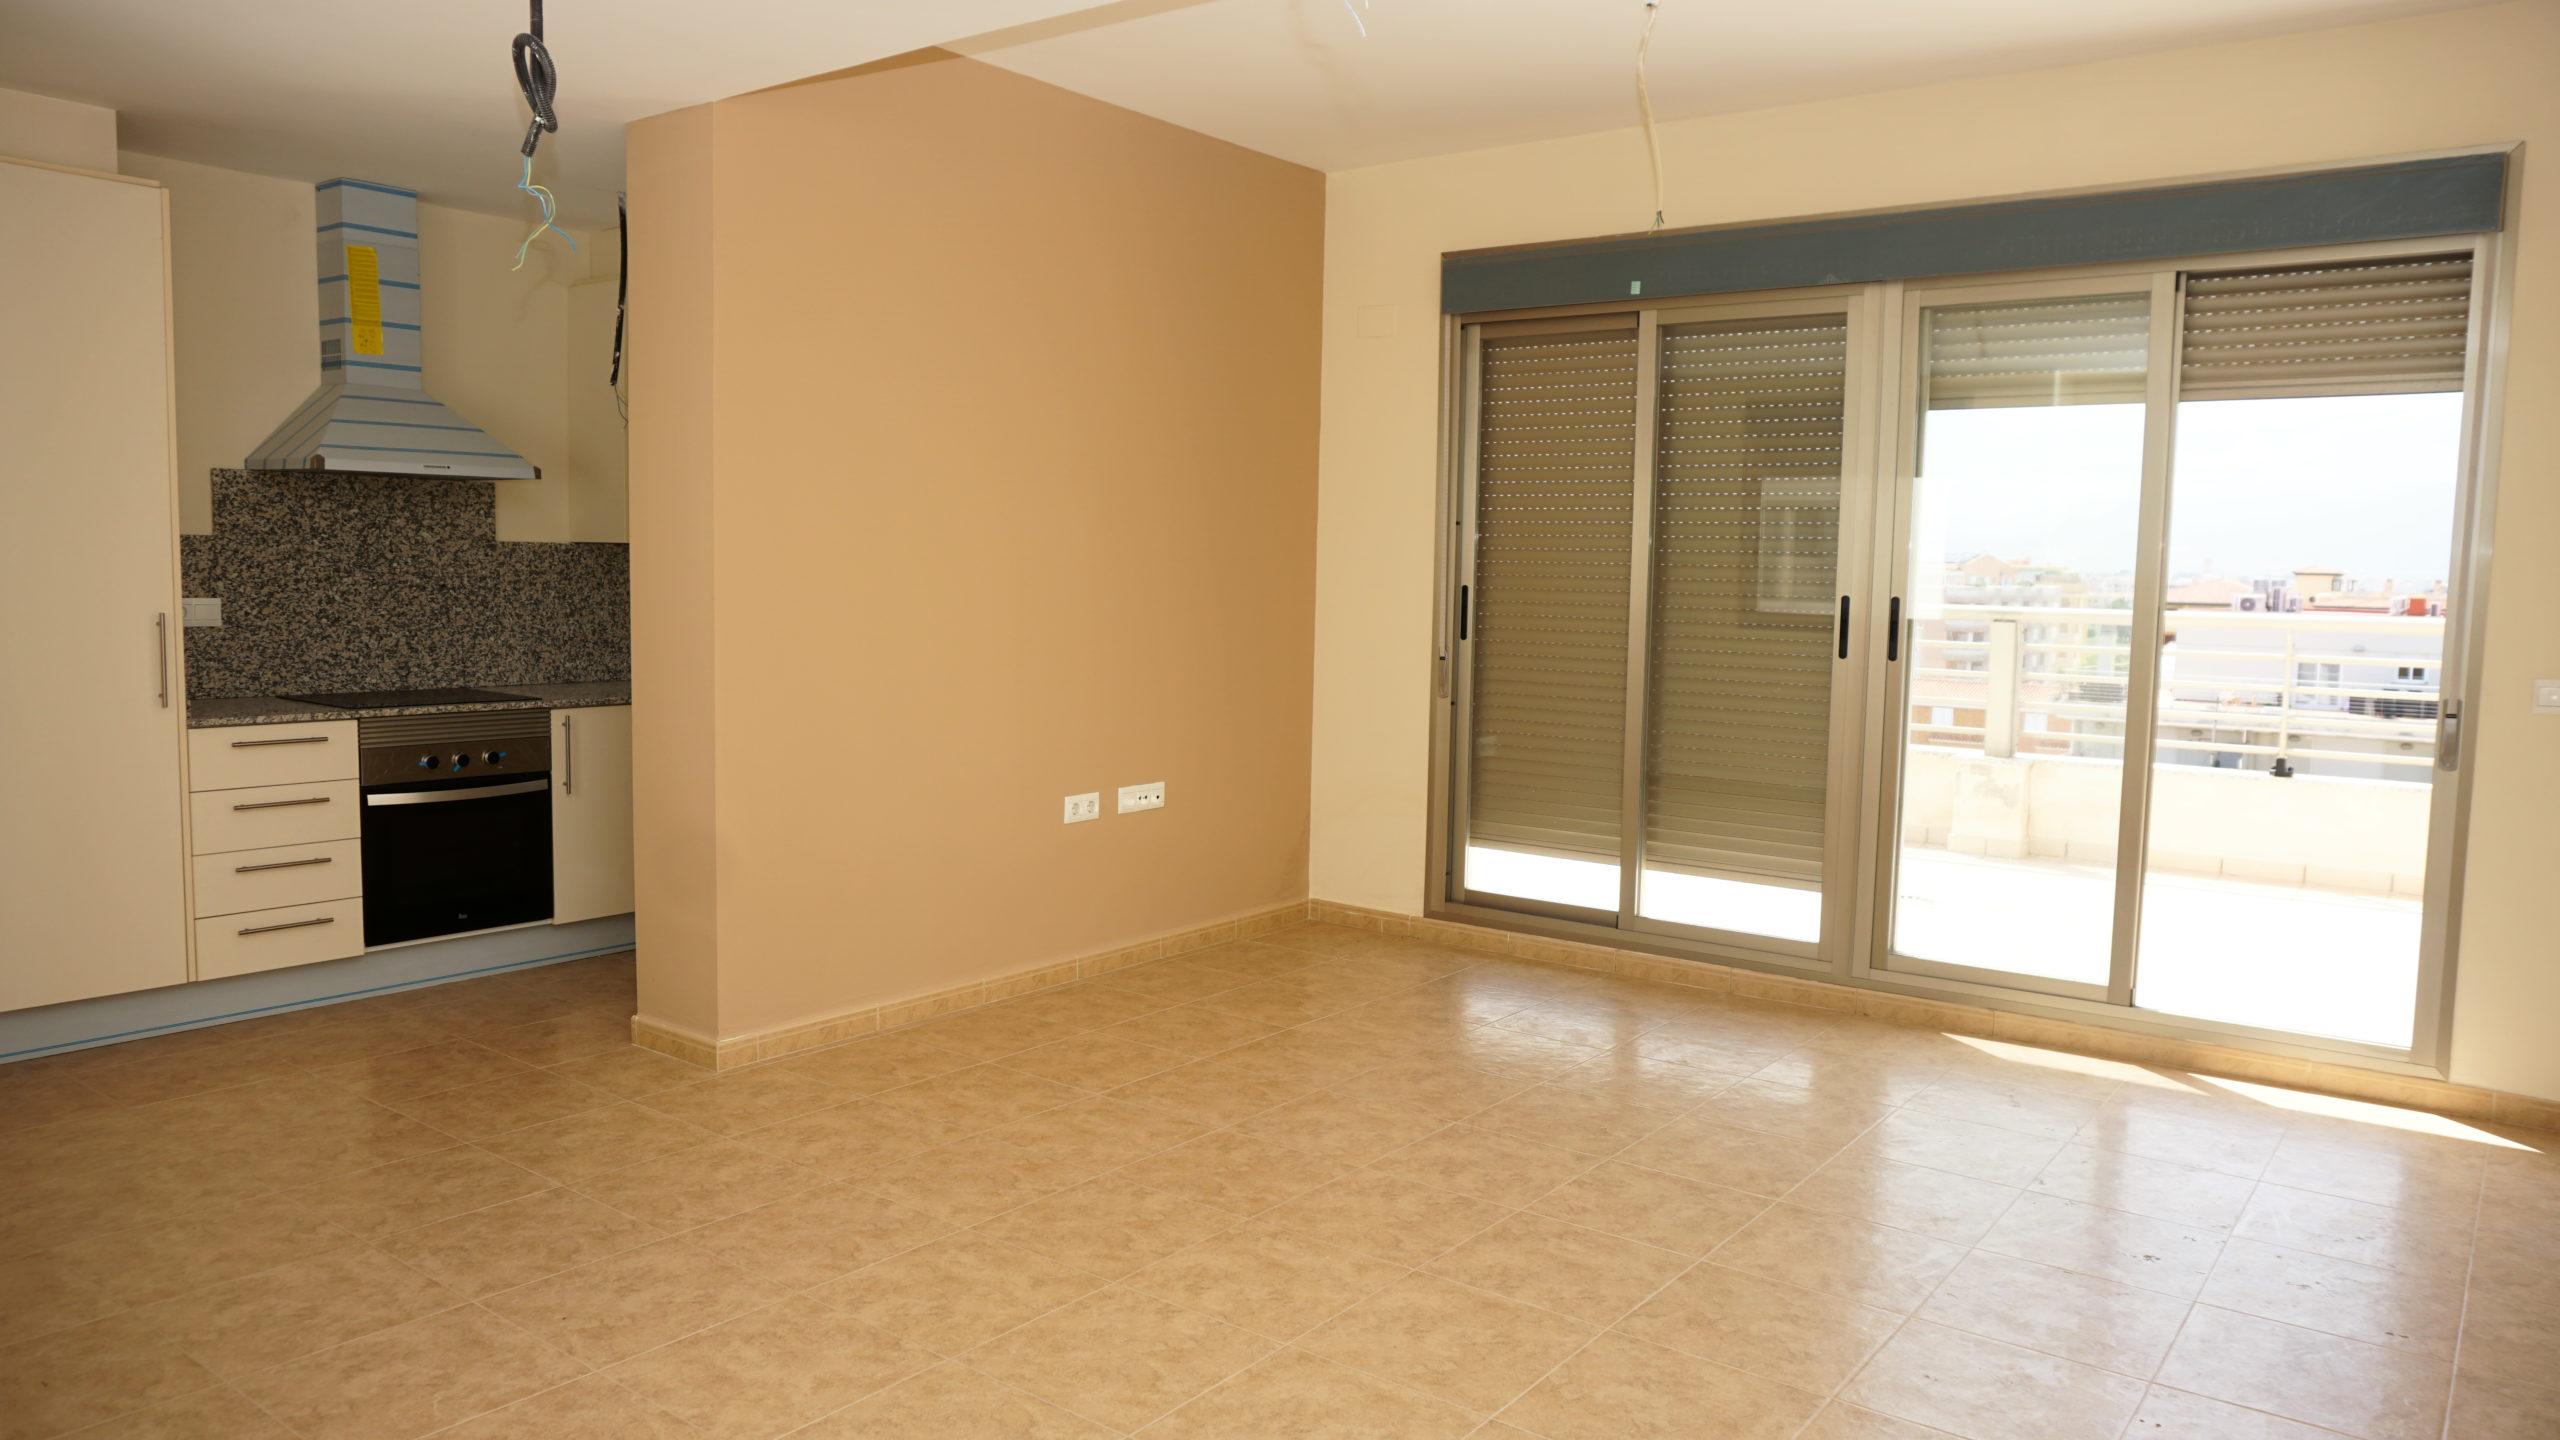 Promoción áticos y viviendas nuevas en Moncofa (Castellón) Zona Playa